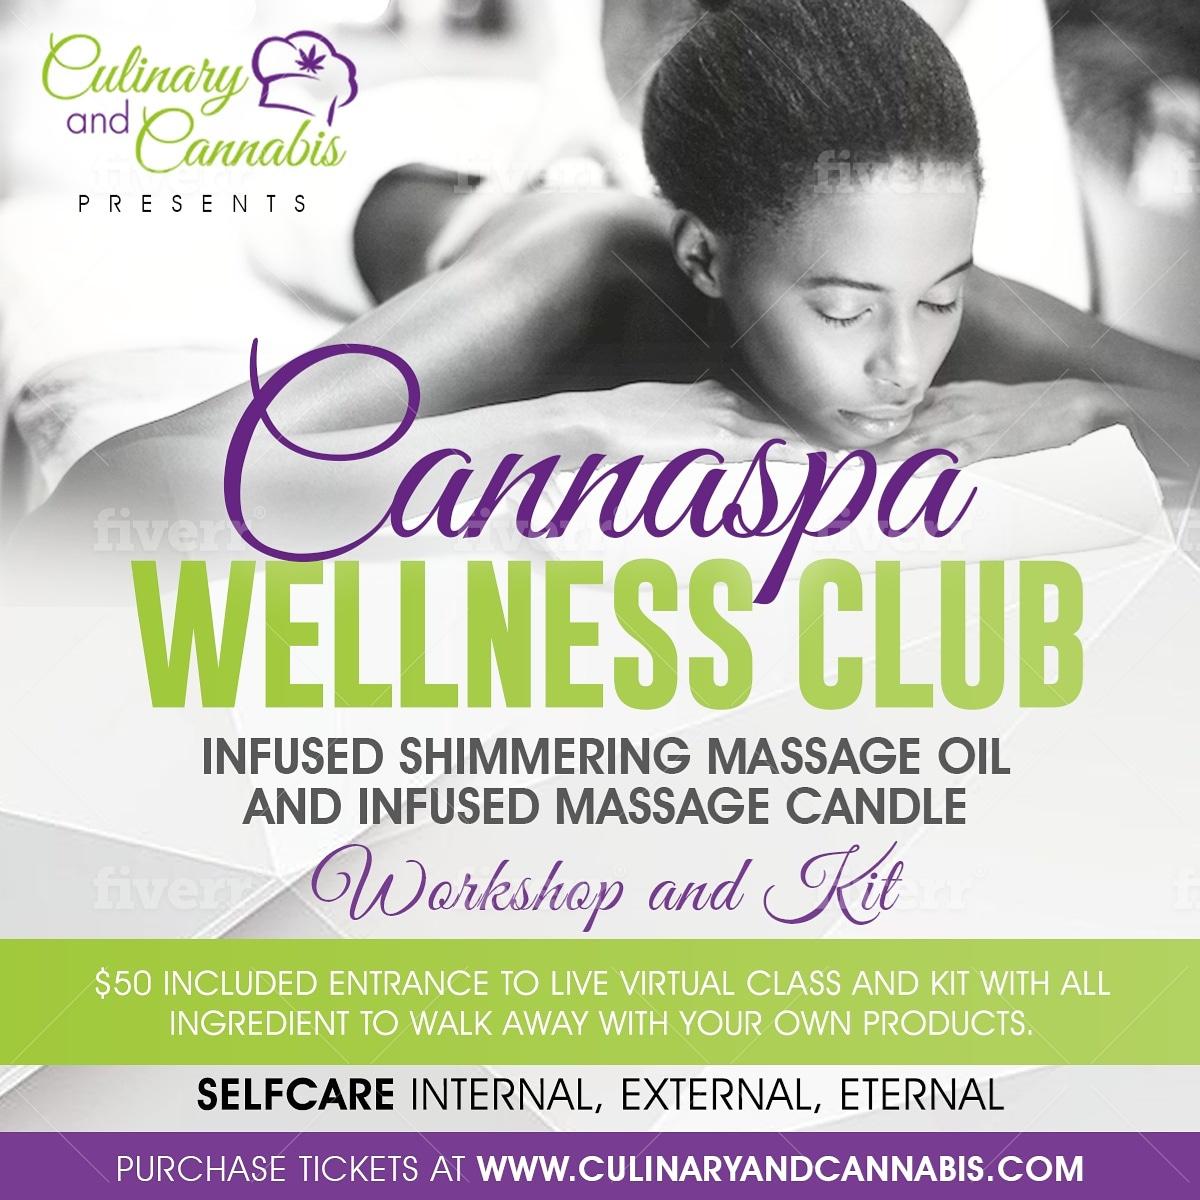 Cannaspa Wellness Club Infused Massage Oil DIY workshop and kit